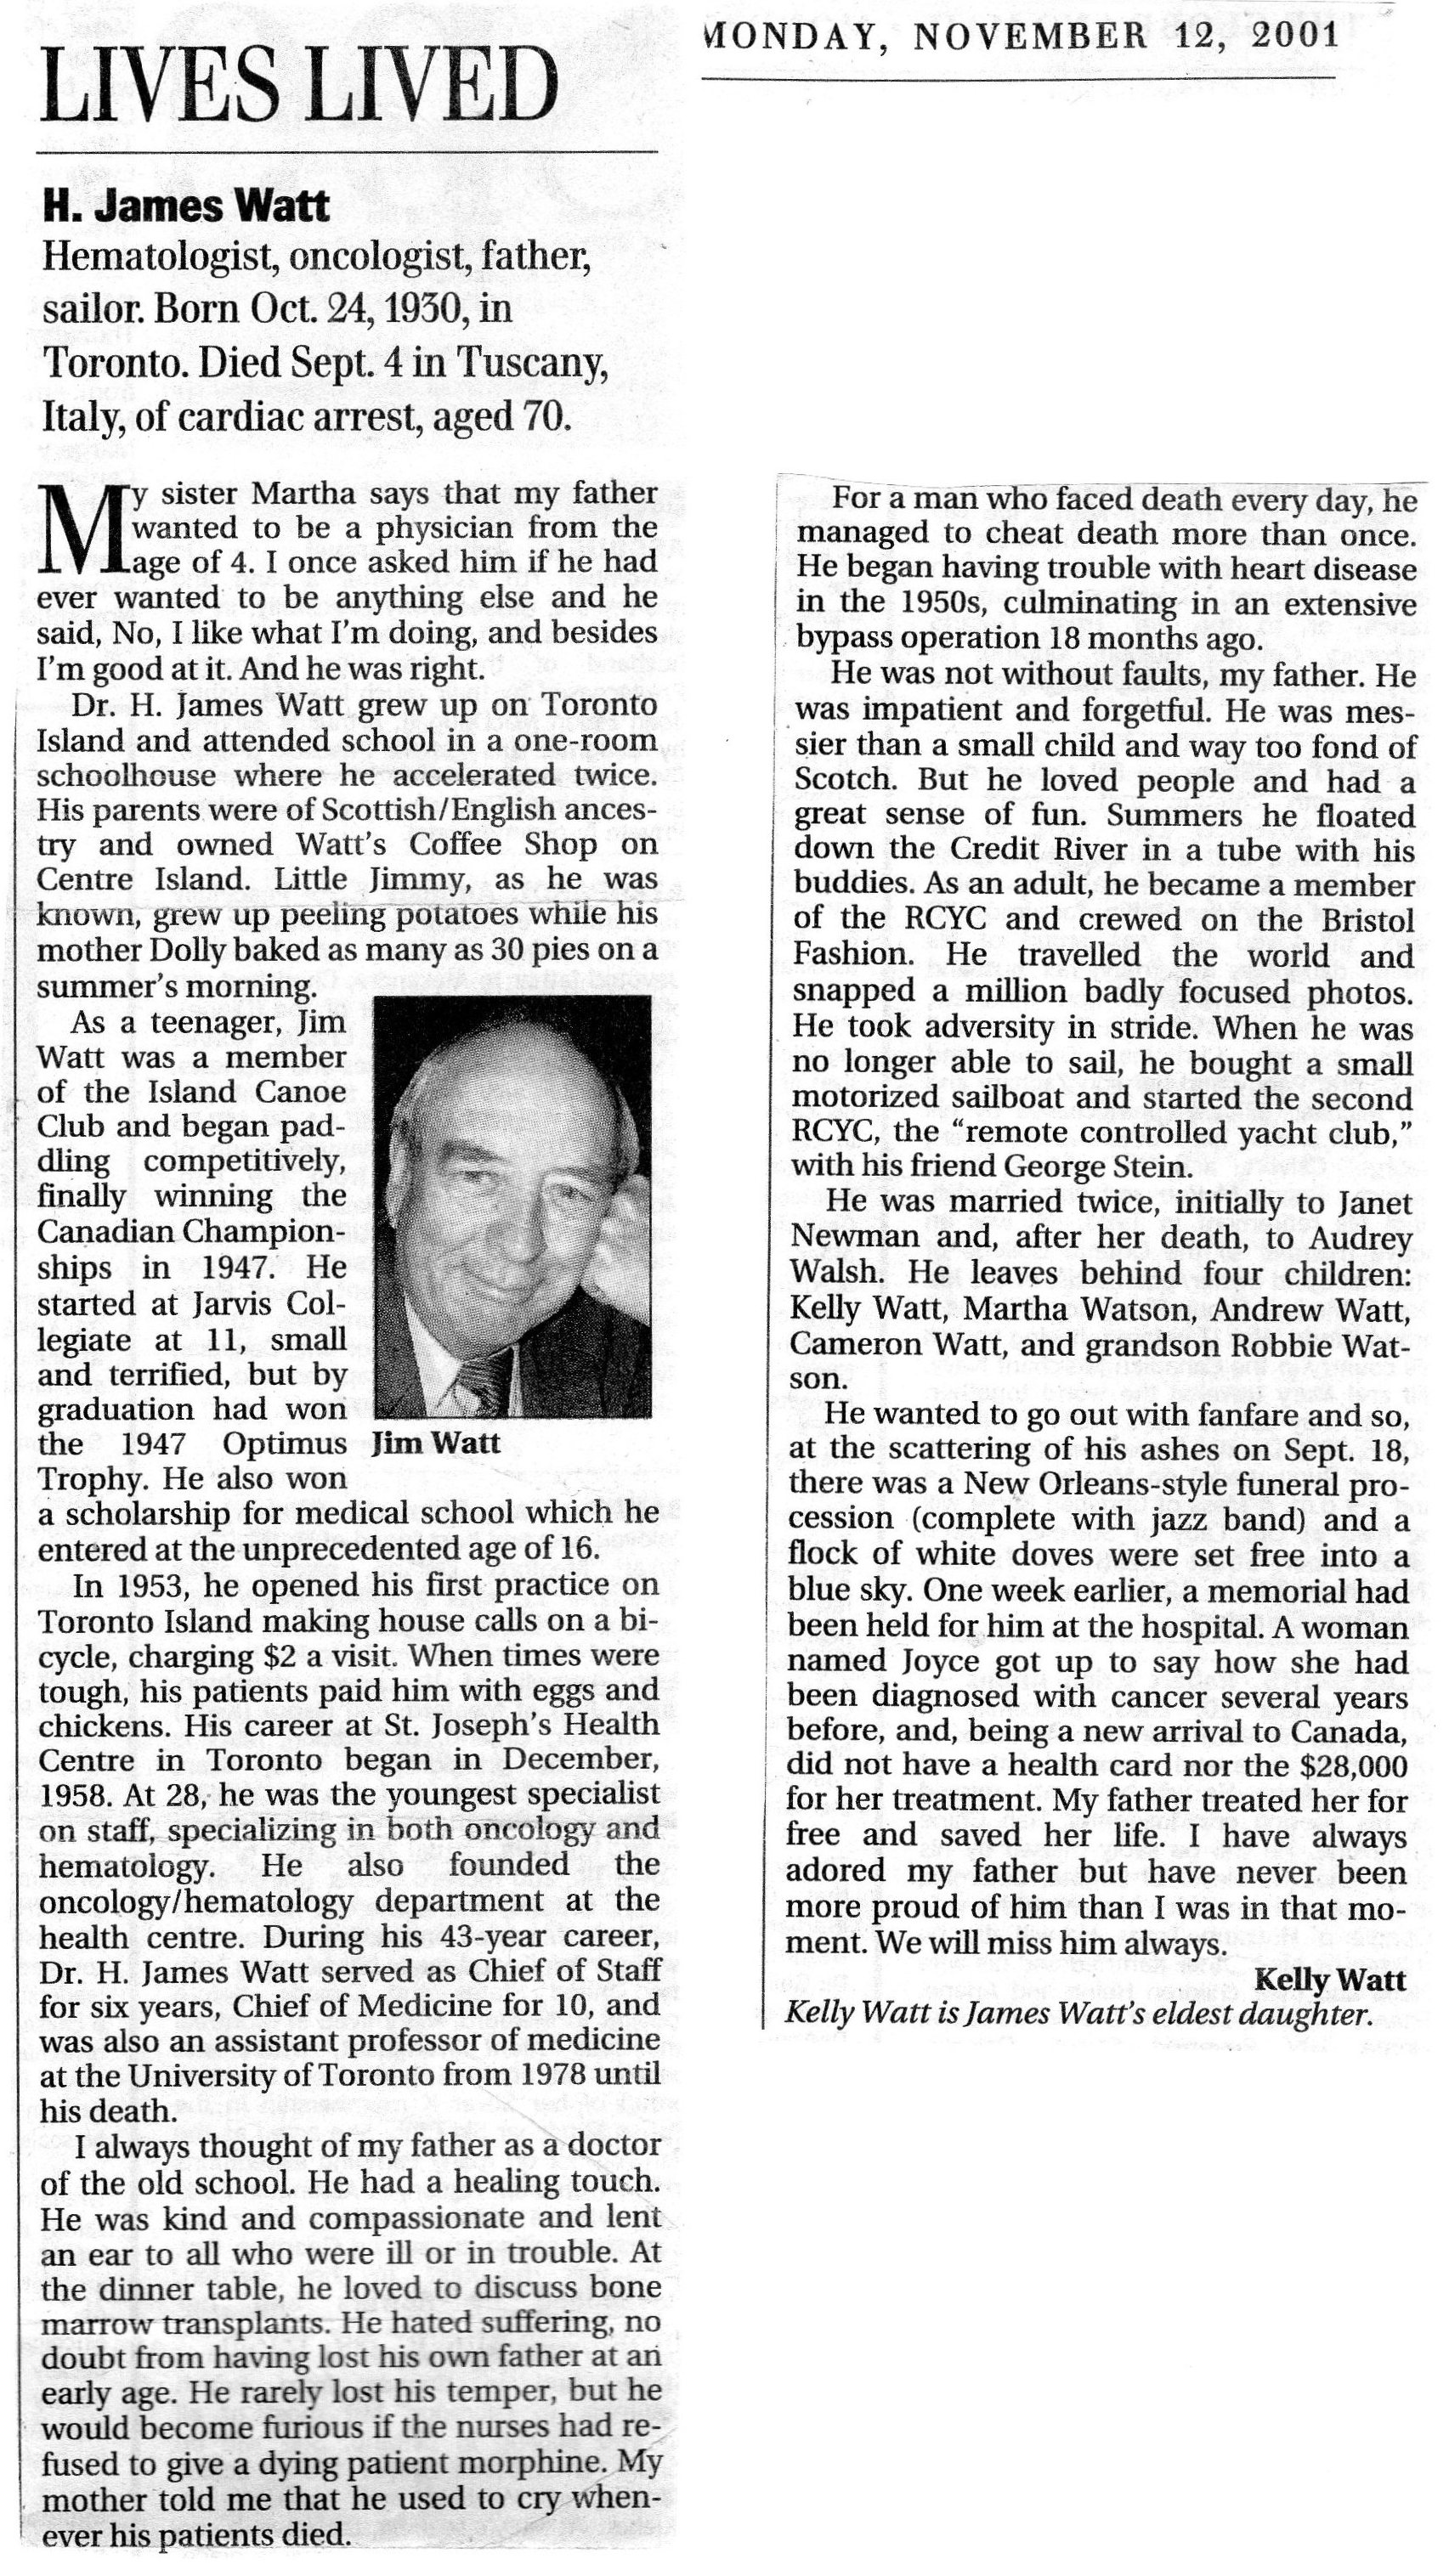 Obit-H. James Jim Watt Globe and Mail 2001-11-12